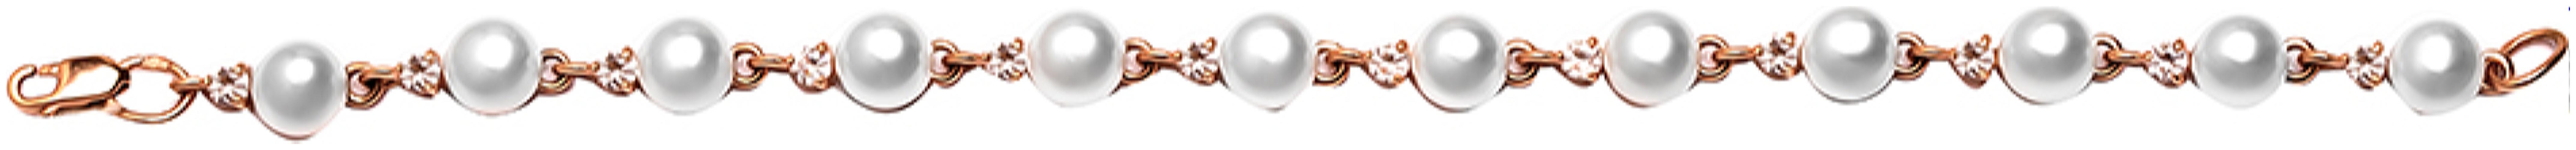 картинка браслет из золота 585° с жемчугом 5551101